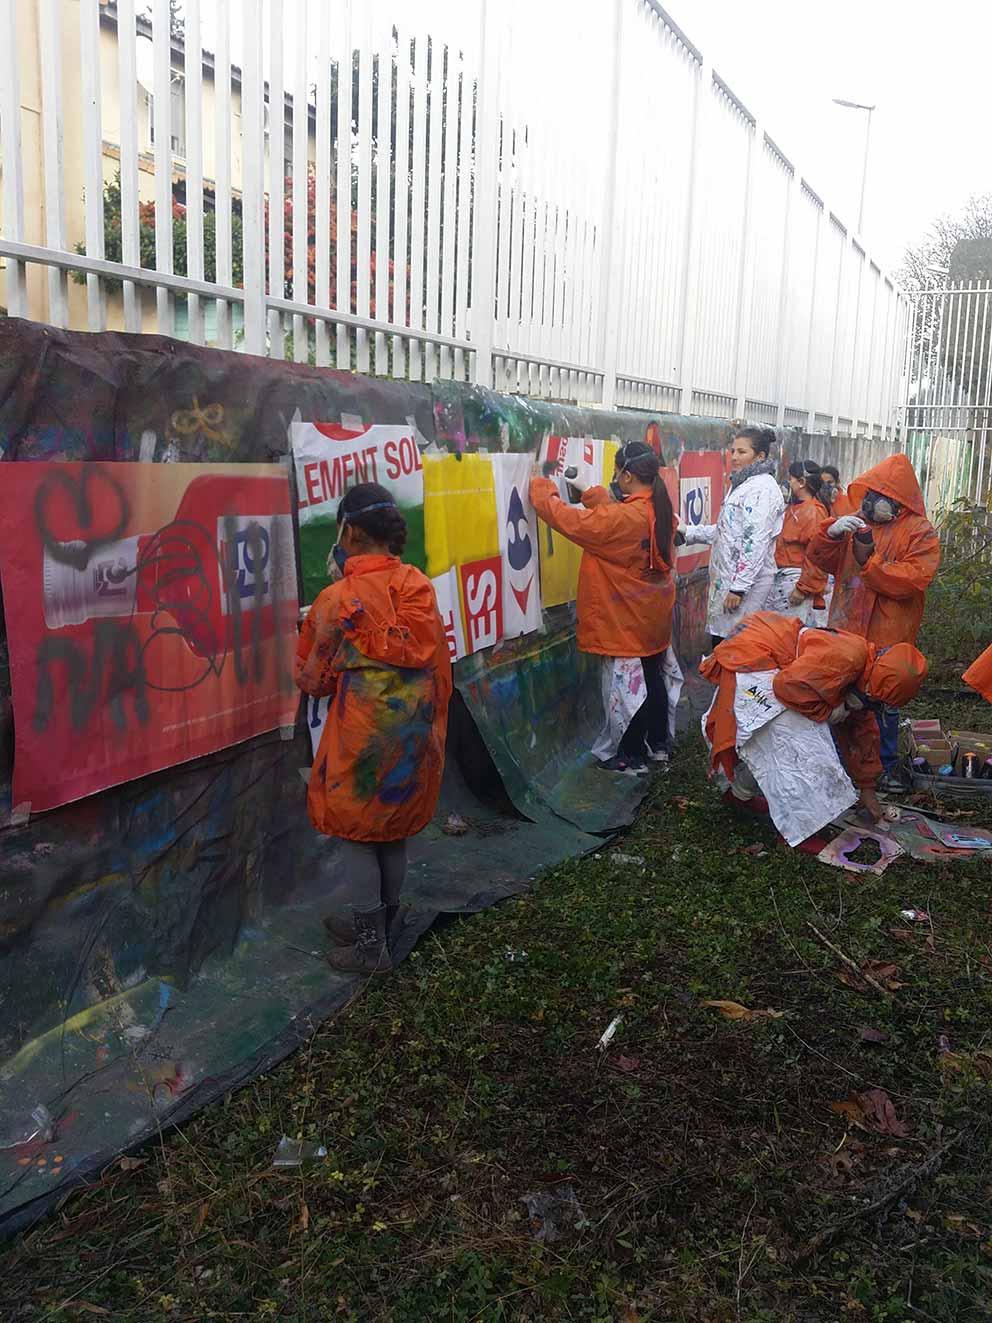 Stage Graff Dessin Bombe De Peinture Et Fresque Pour La Journee